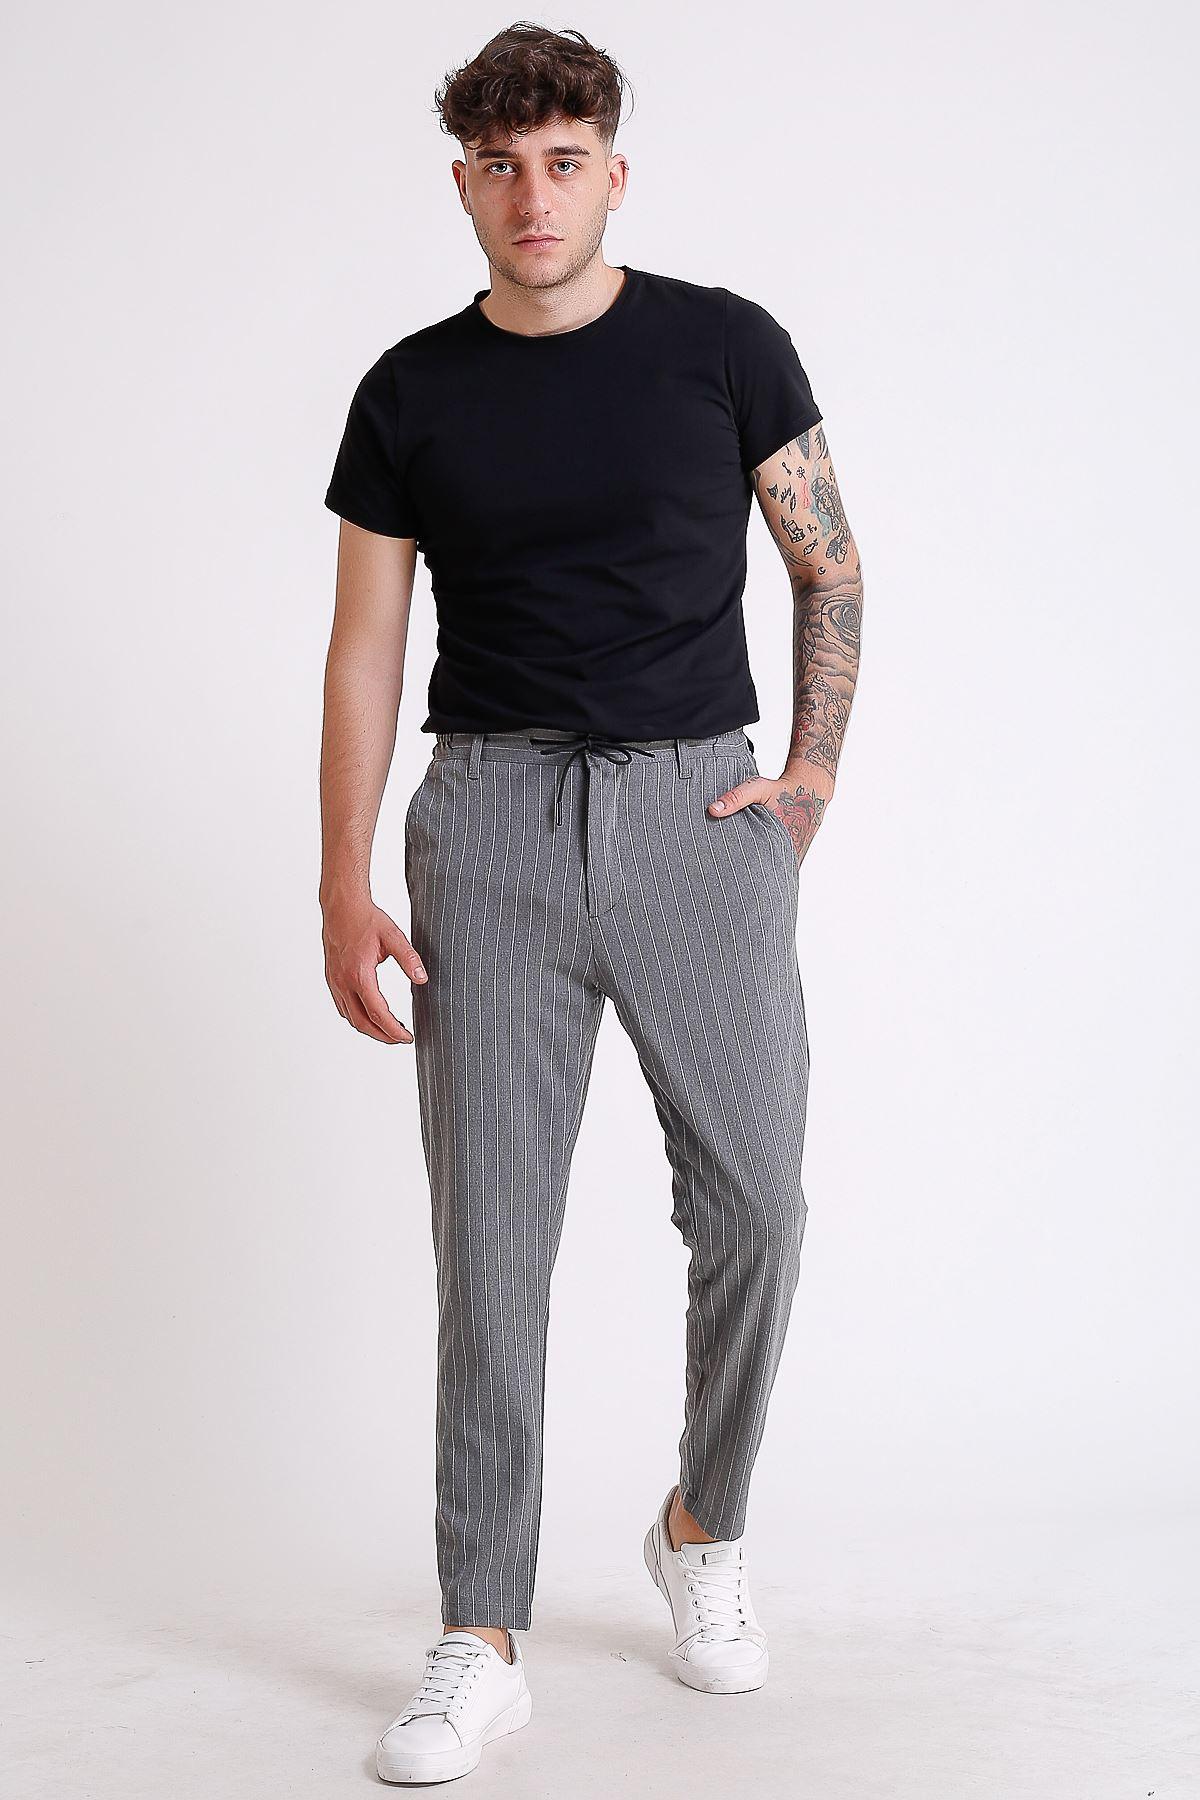 Erkek Beli Lastikli ve İpli Koyu Gri Çizgili Jogger Pantolon